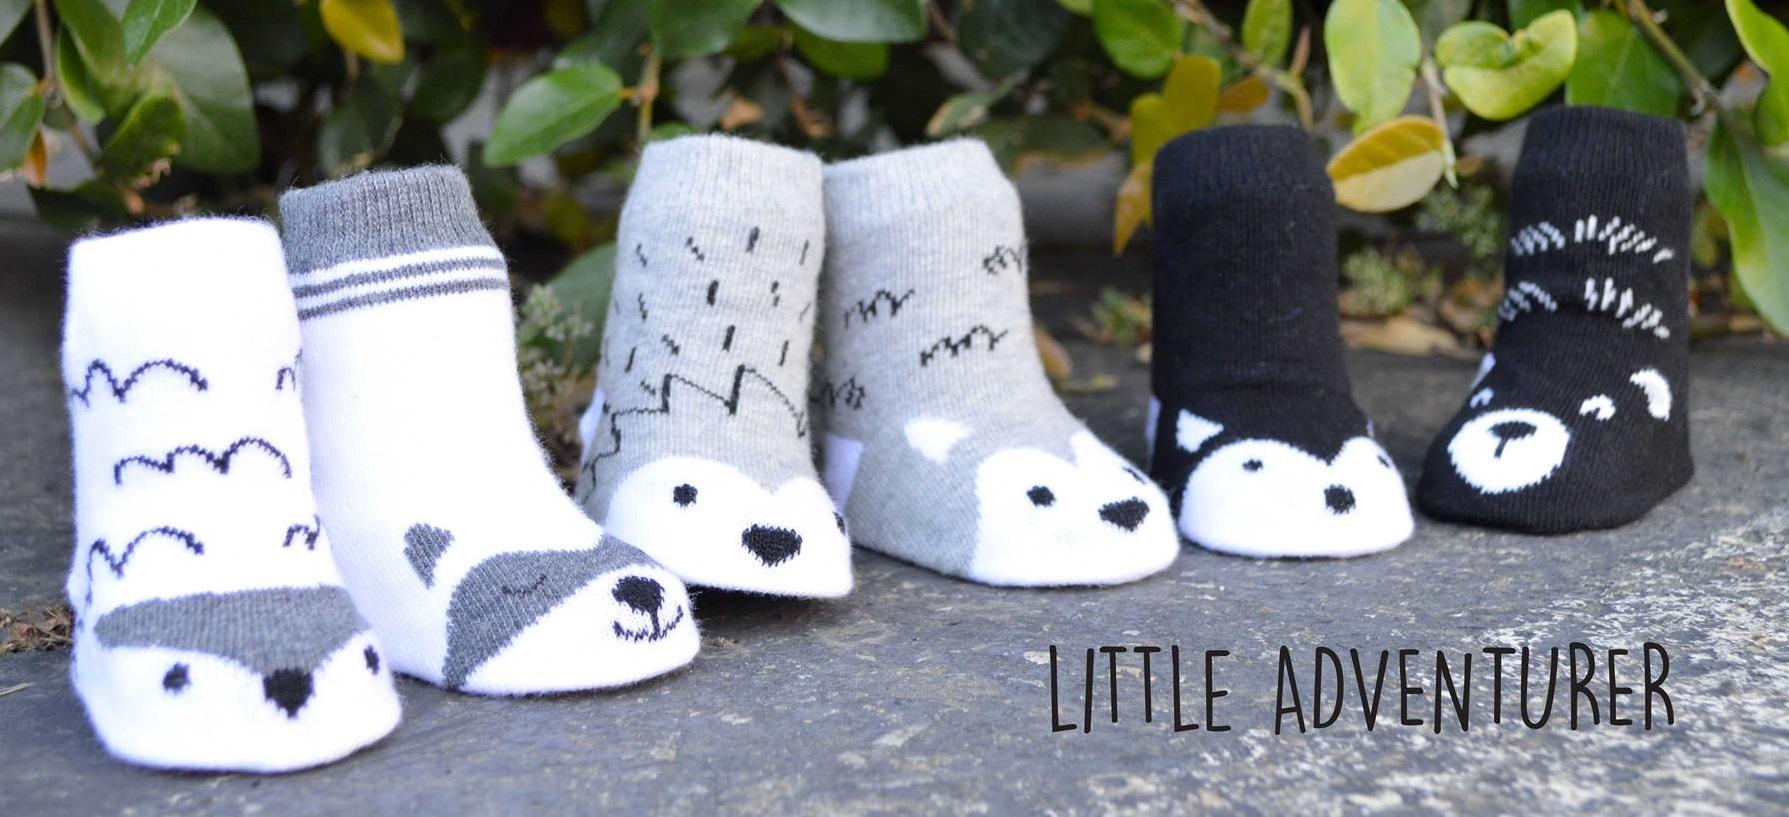 trumpette-baby-socks-little-adventurer